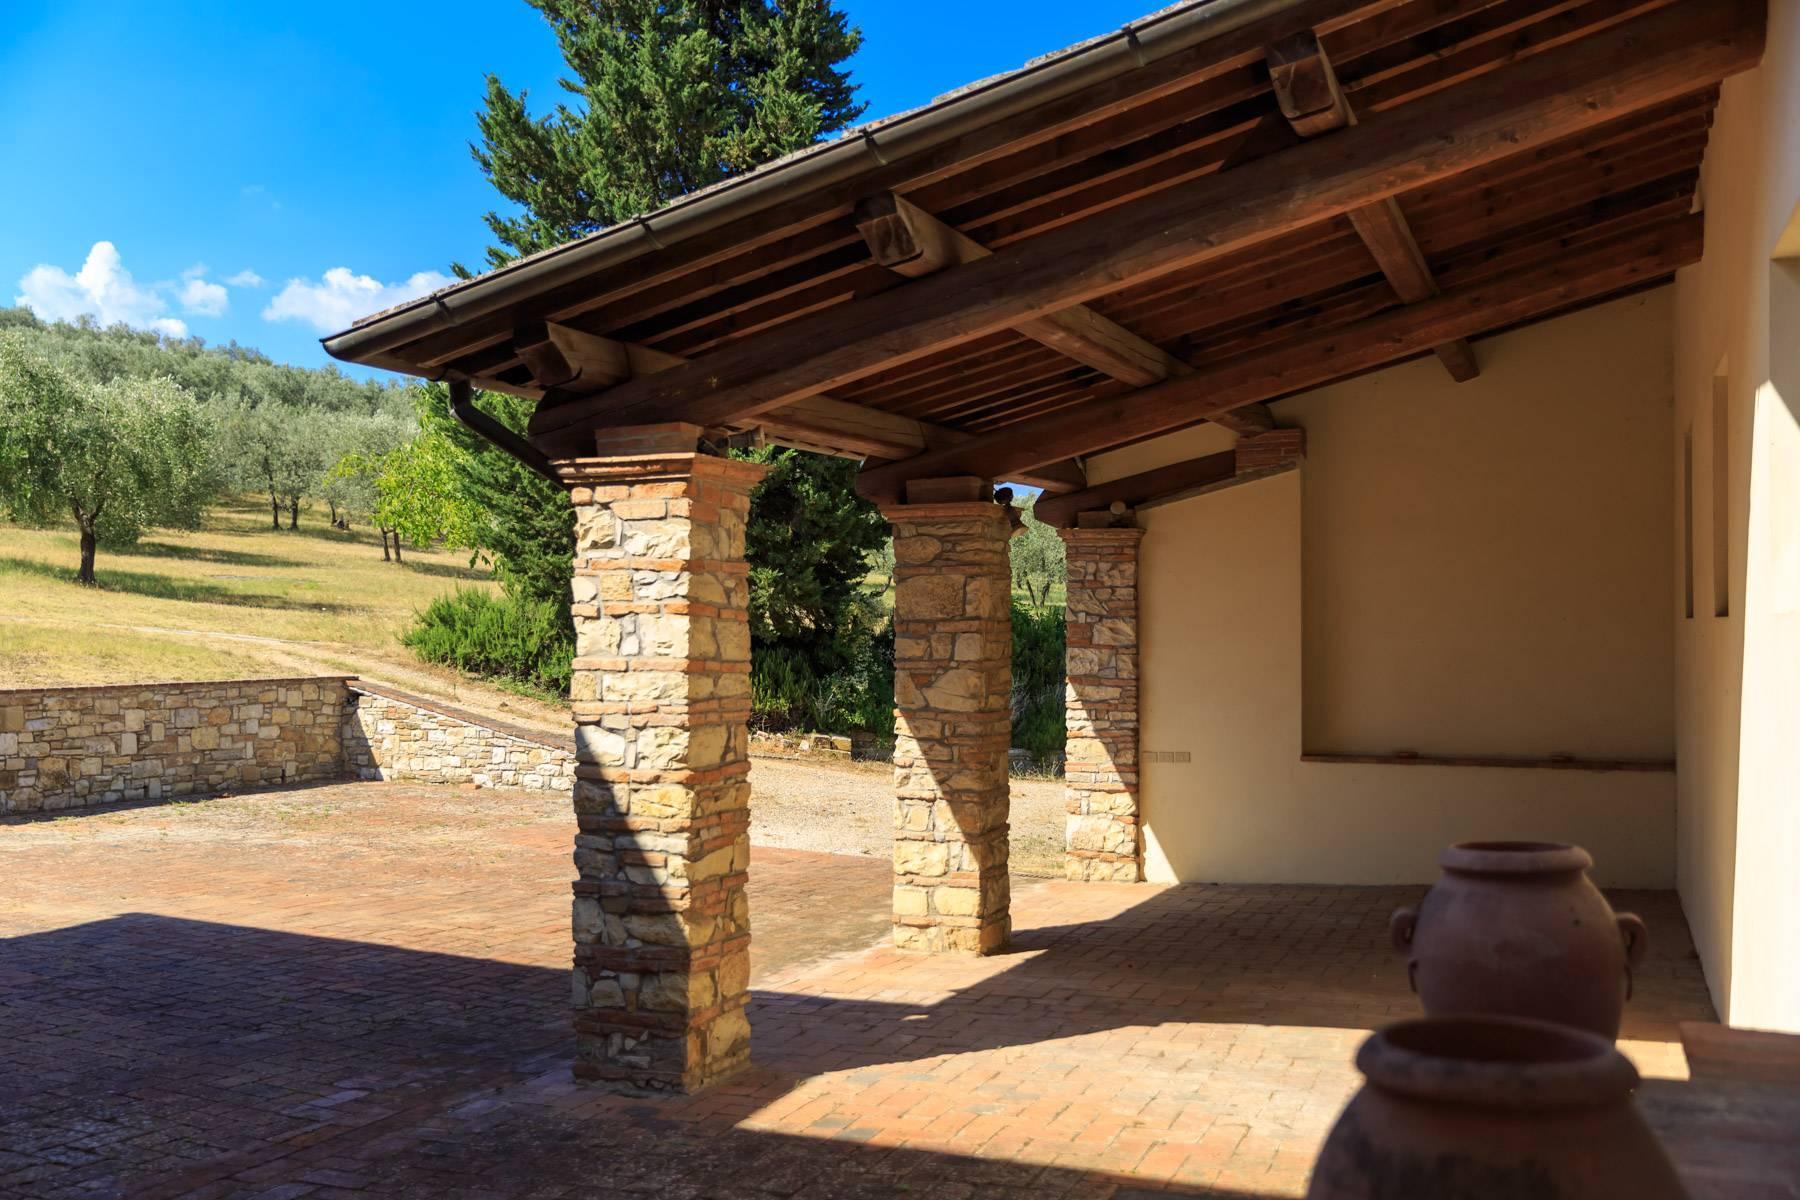 Grande villa antica con oliveto a 10 minuti da Firenze - 14